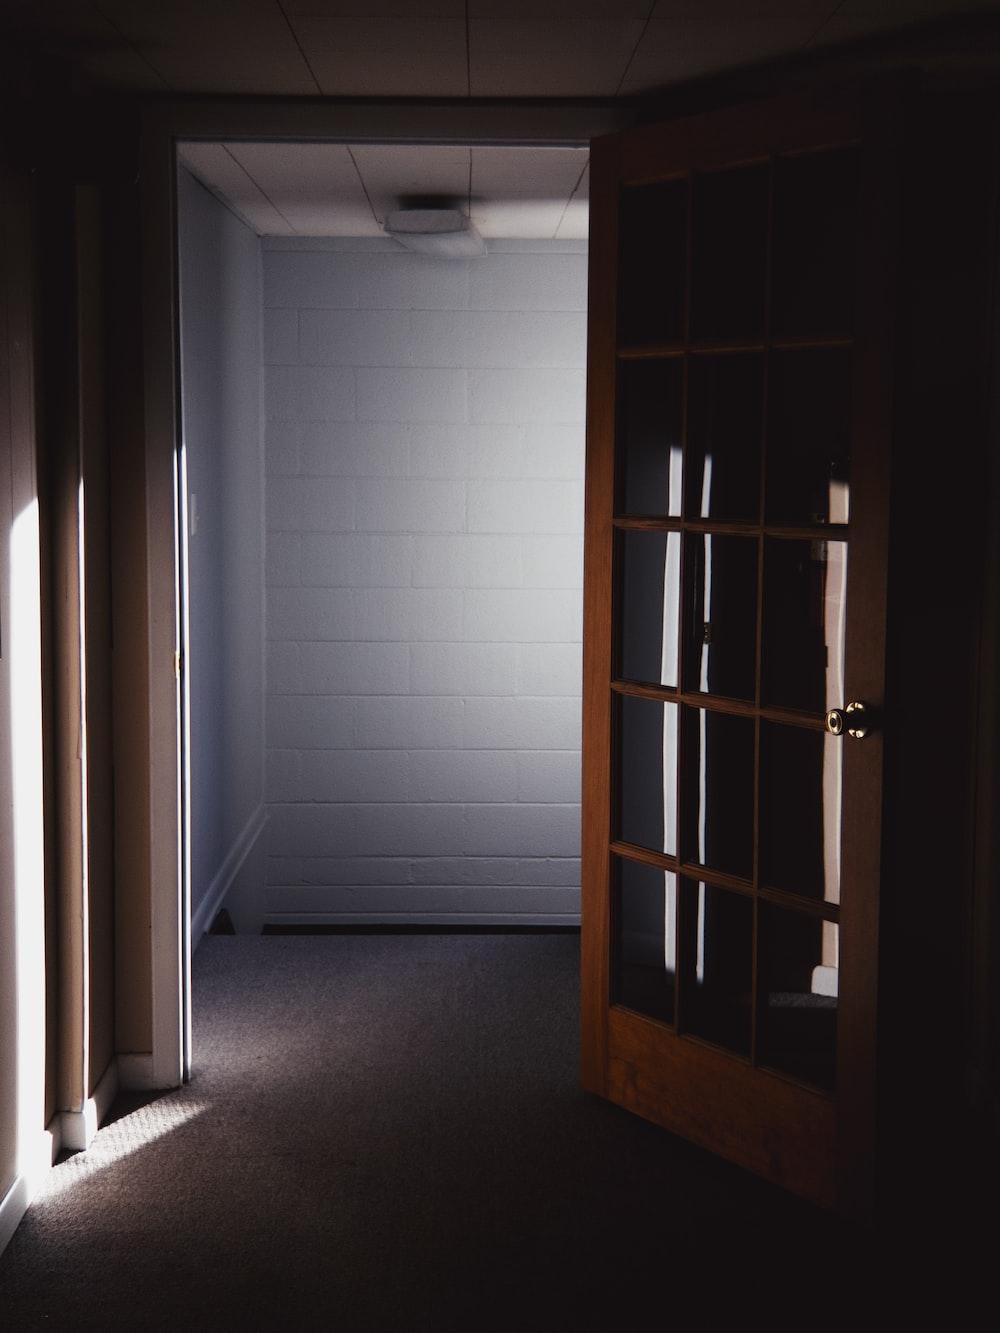 sunlight passing through open door